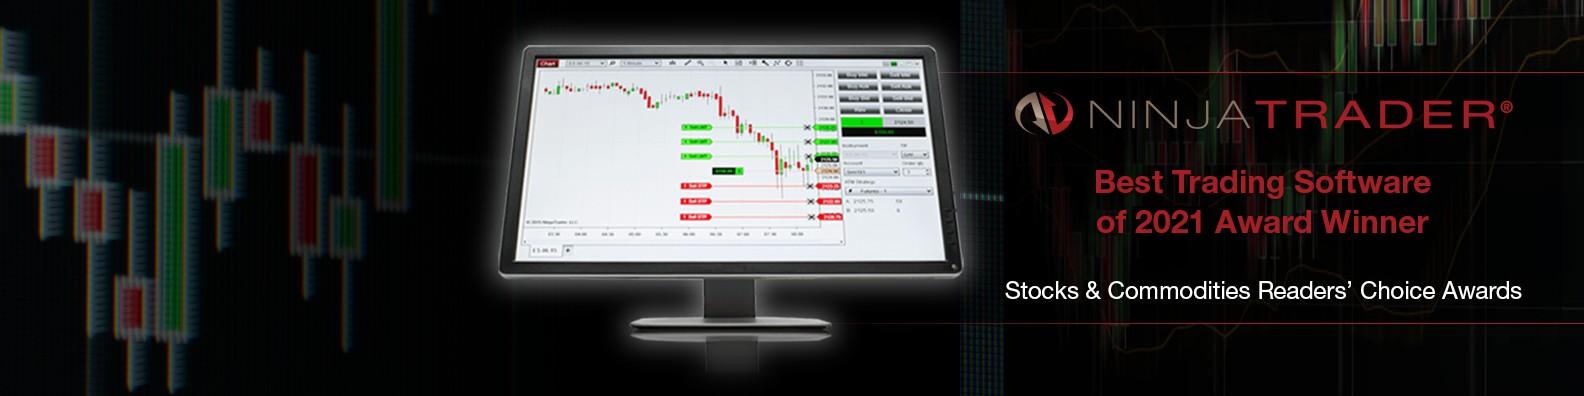 ninjatrader interactive brokers data feed fx broker listing